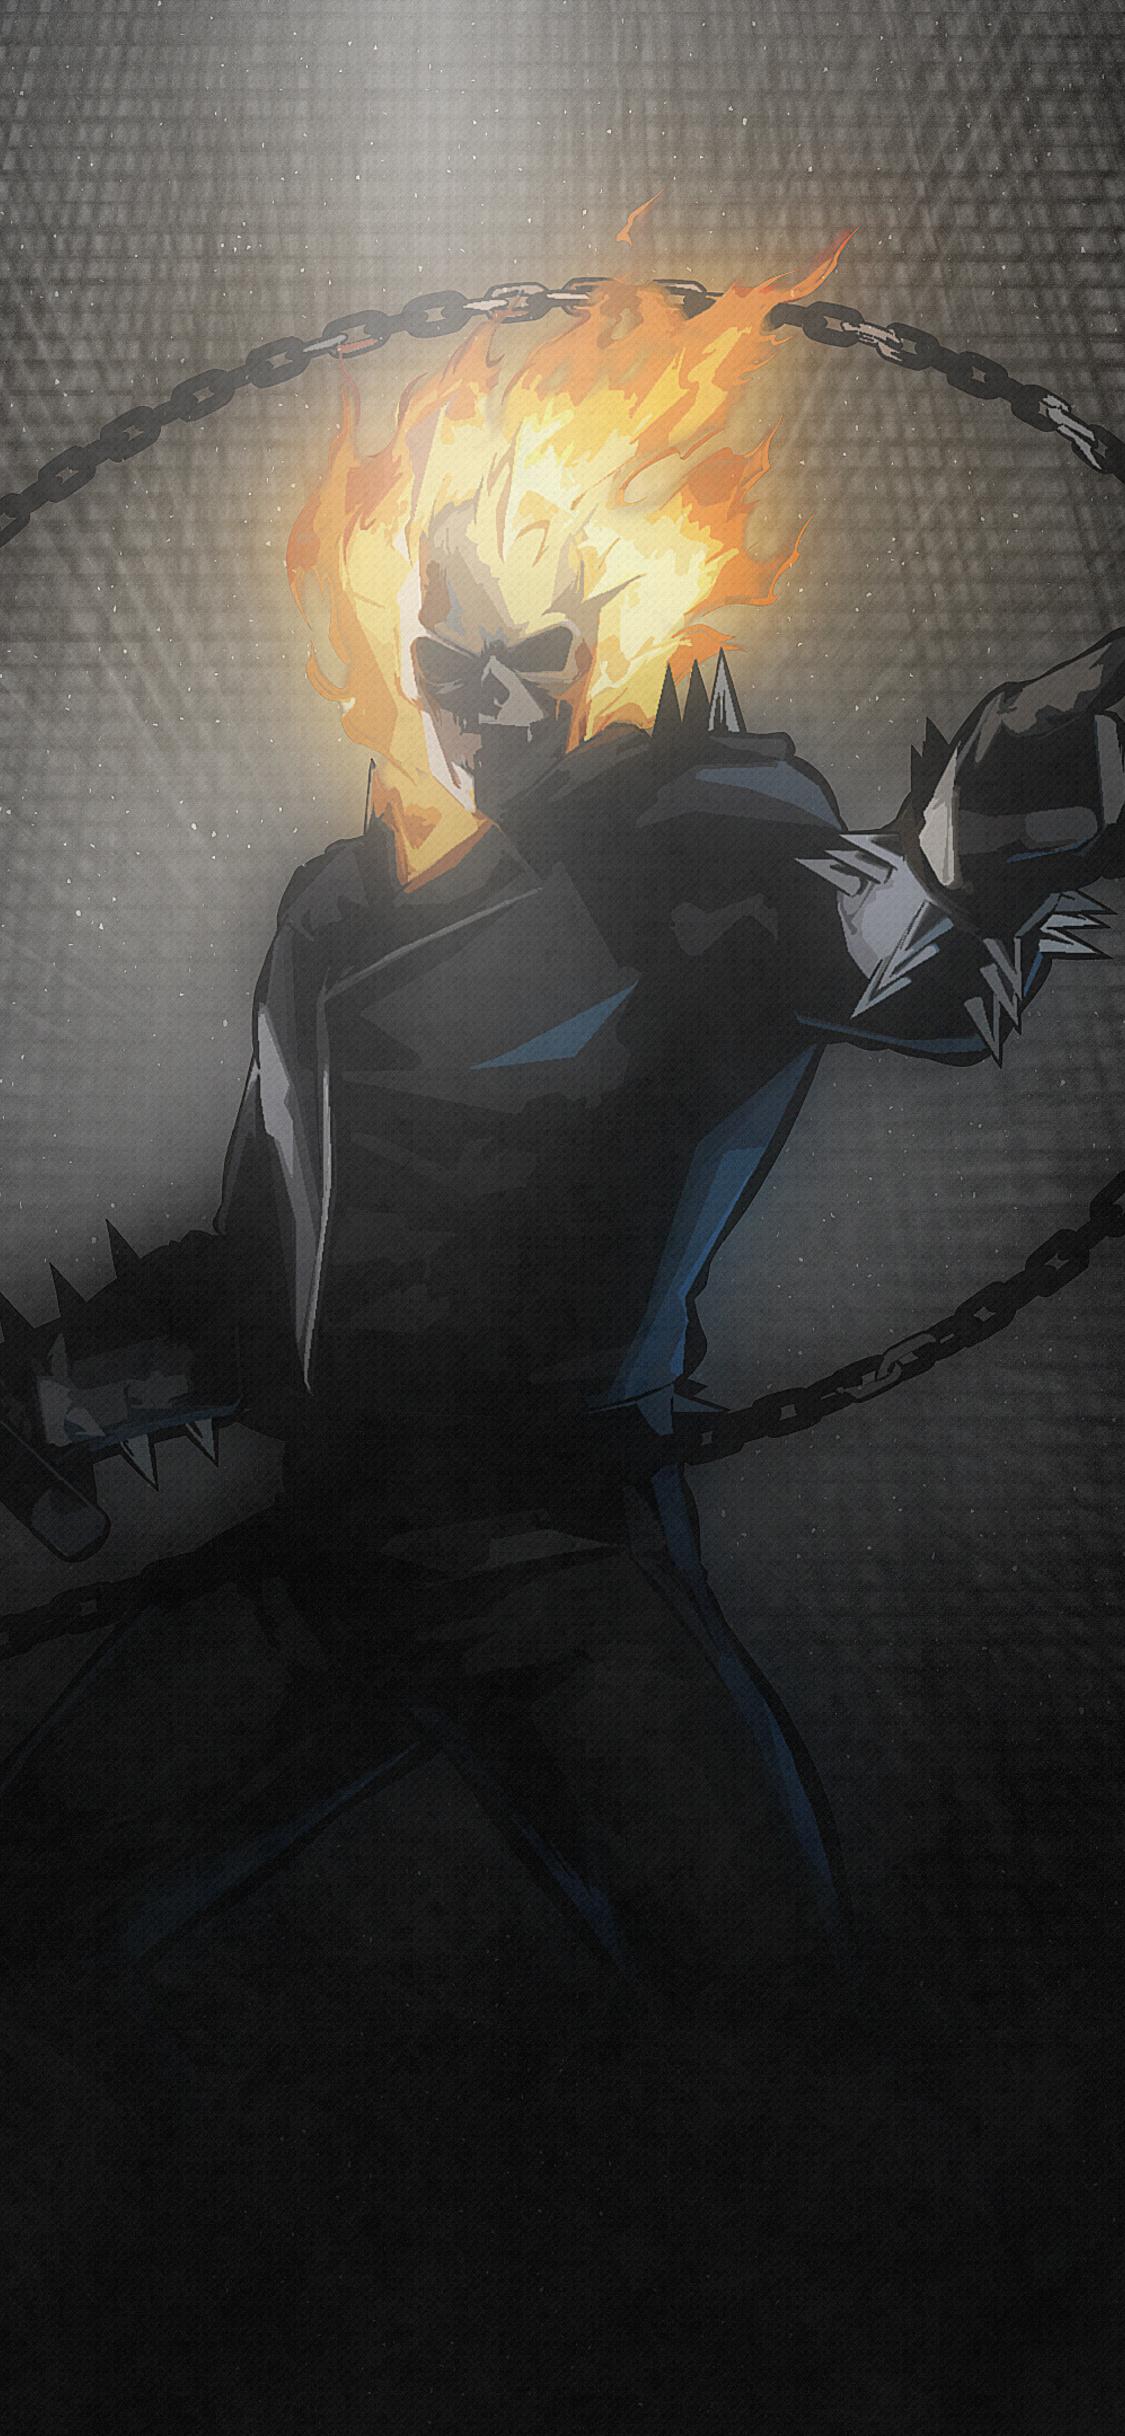 ghost-rider-artwork-4k-d4.jpg